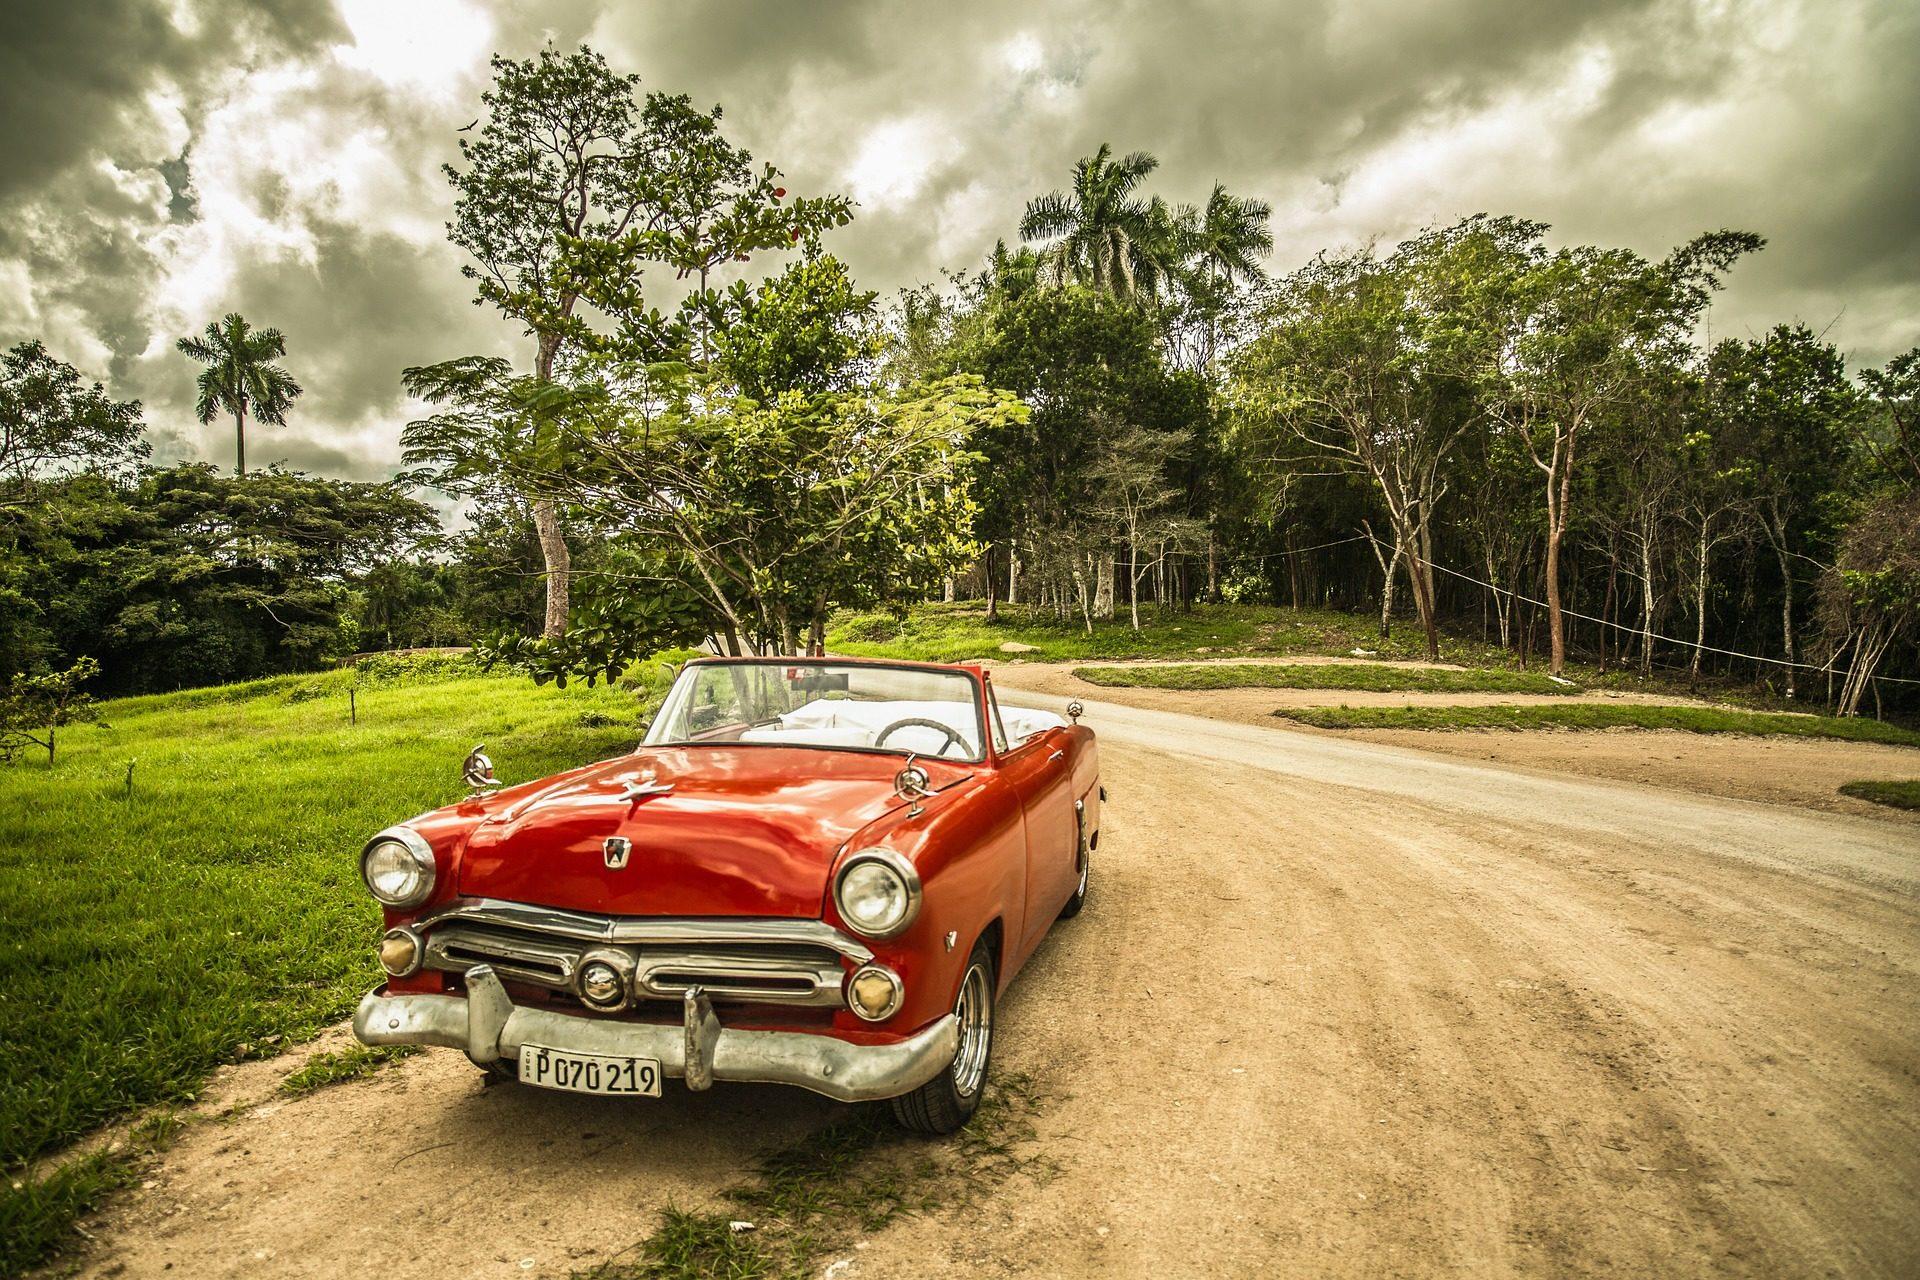 voiture, Route, Forest, nuages, arbres - Fonds d'écran HD - Professor-falken.com